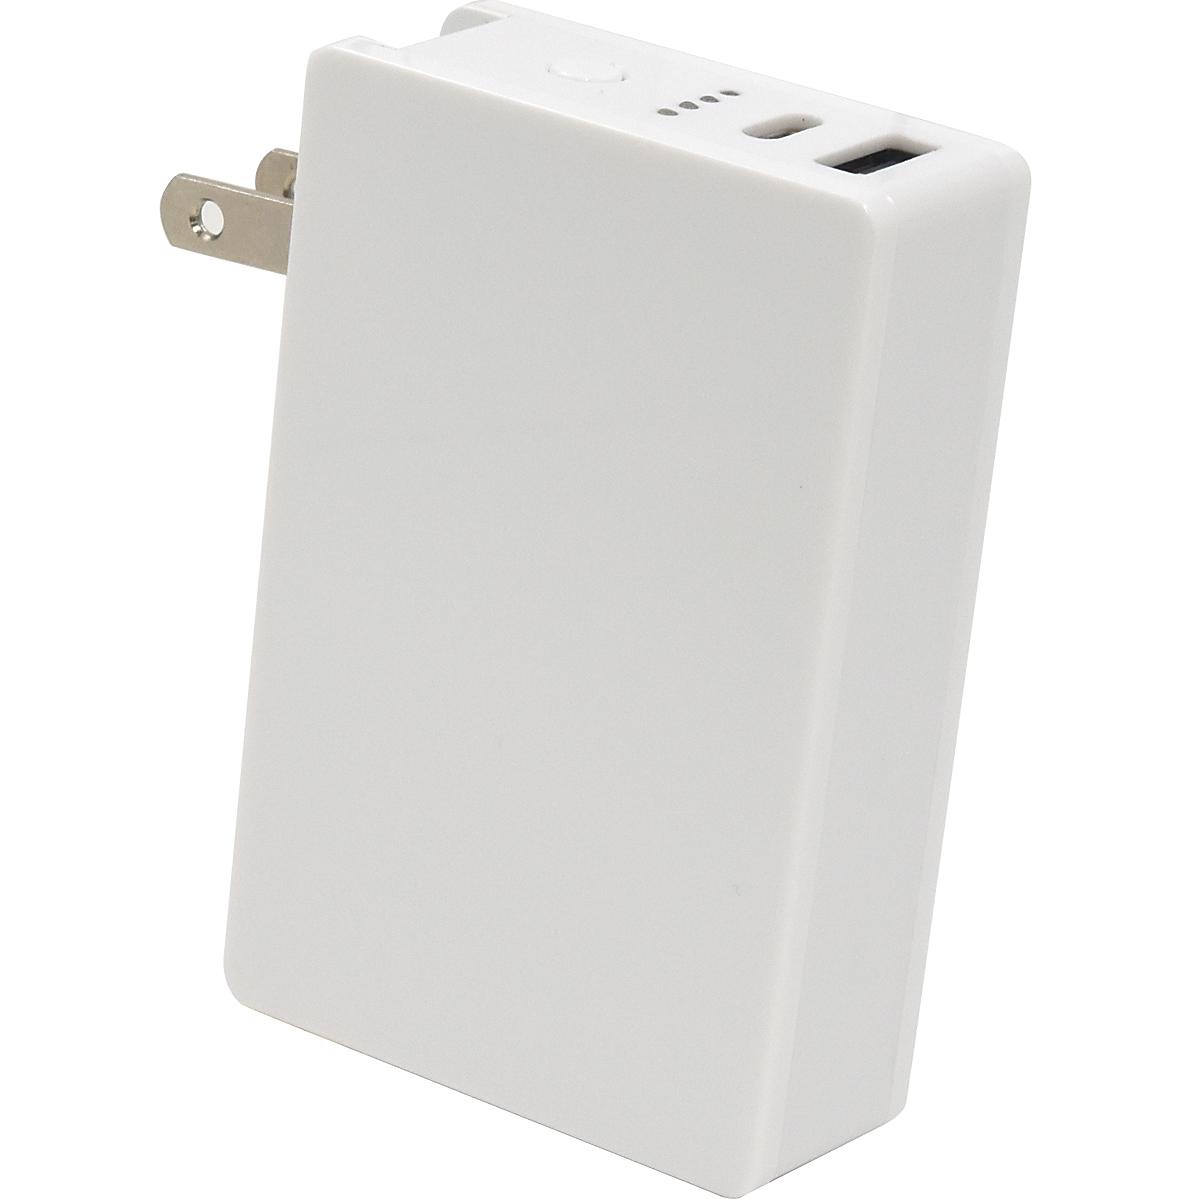 AC充電器一体型6000mAhモバイルバッテリー